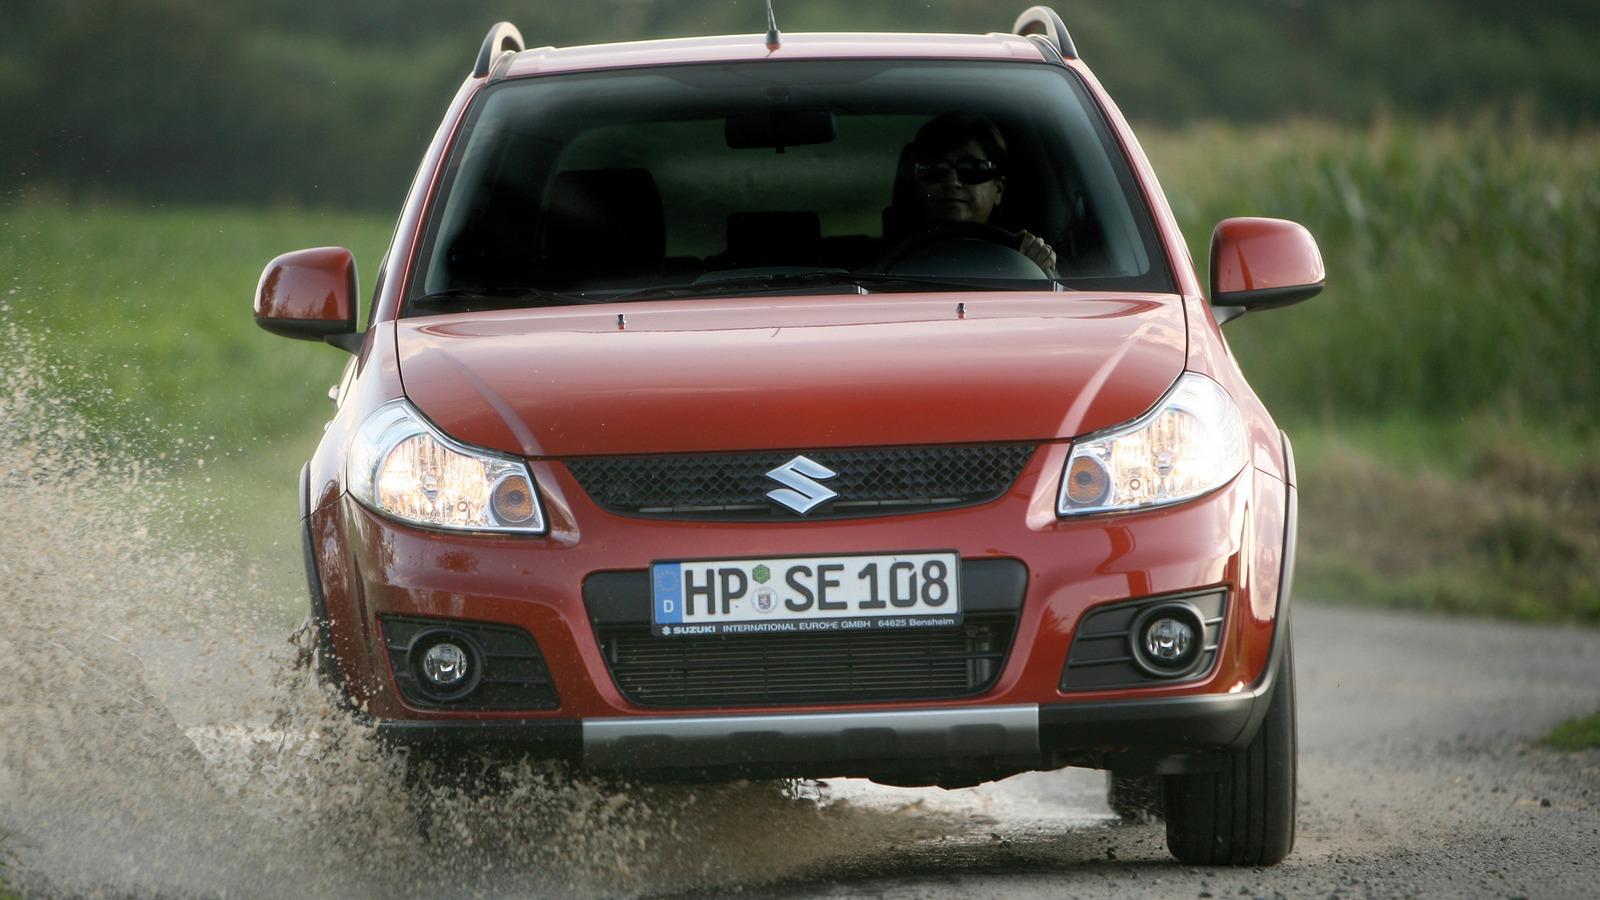 Suzuki купит у Fiat 1,6-литровый двигатель